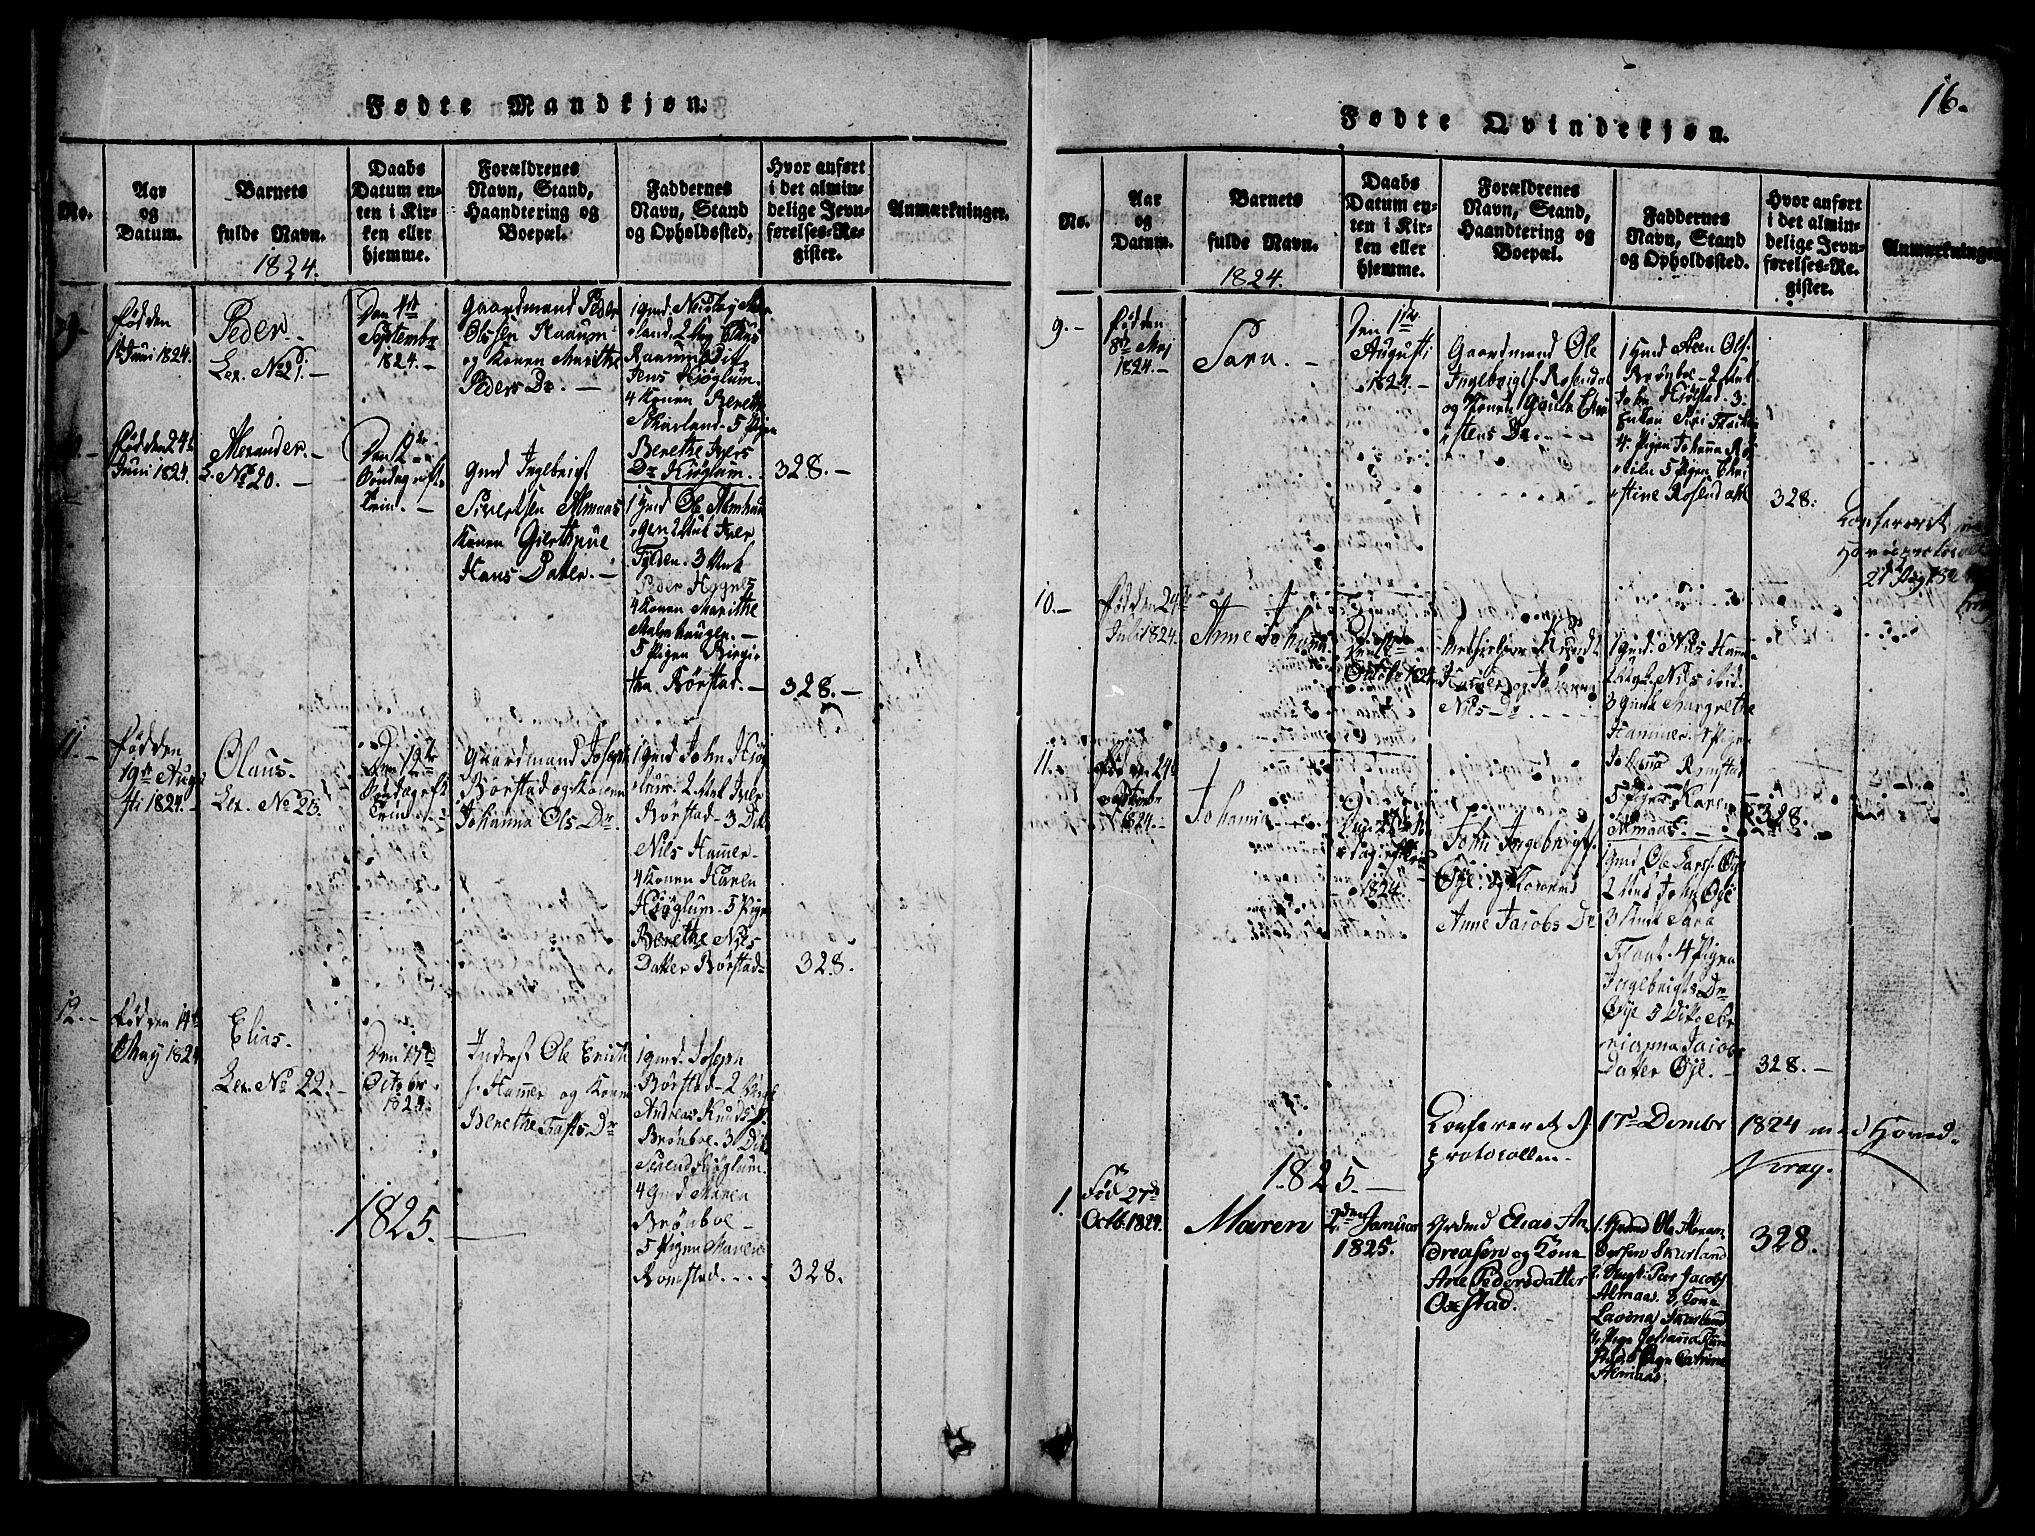 SAT, Ministerialprotokoller, klokkerbøker og fødselsregistre - Nord-Trøndelag, 765/L0562: Klokkerbok nr. 765C01, 1817-1851, s. 16